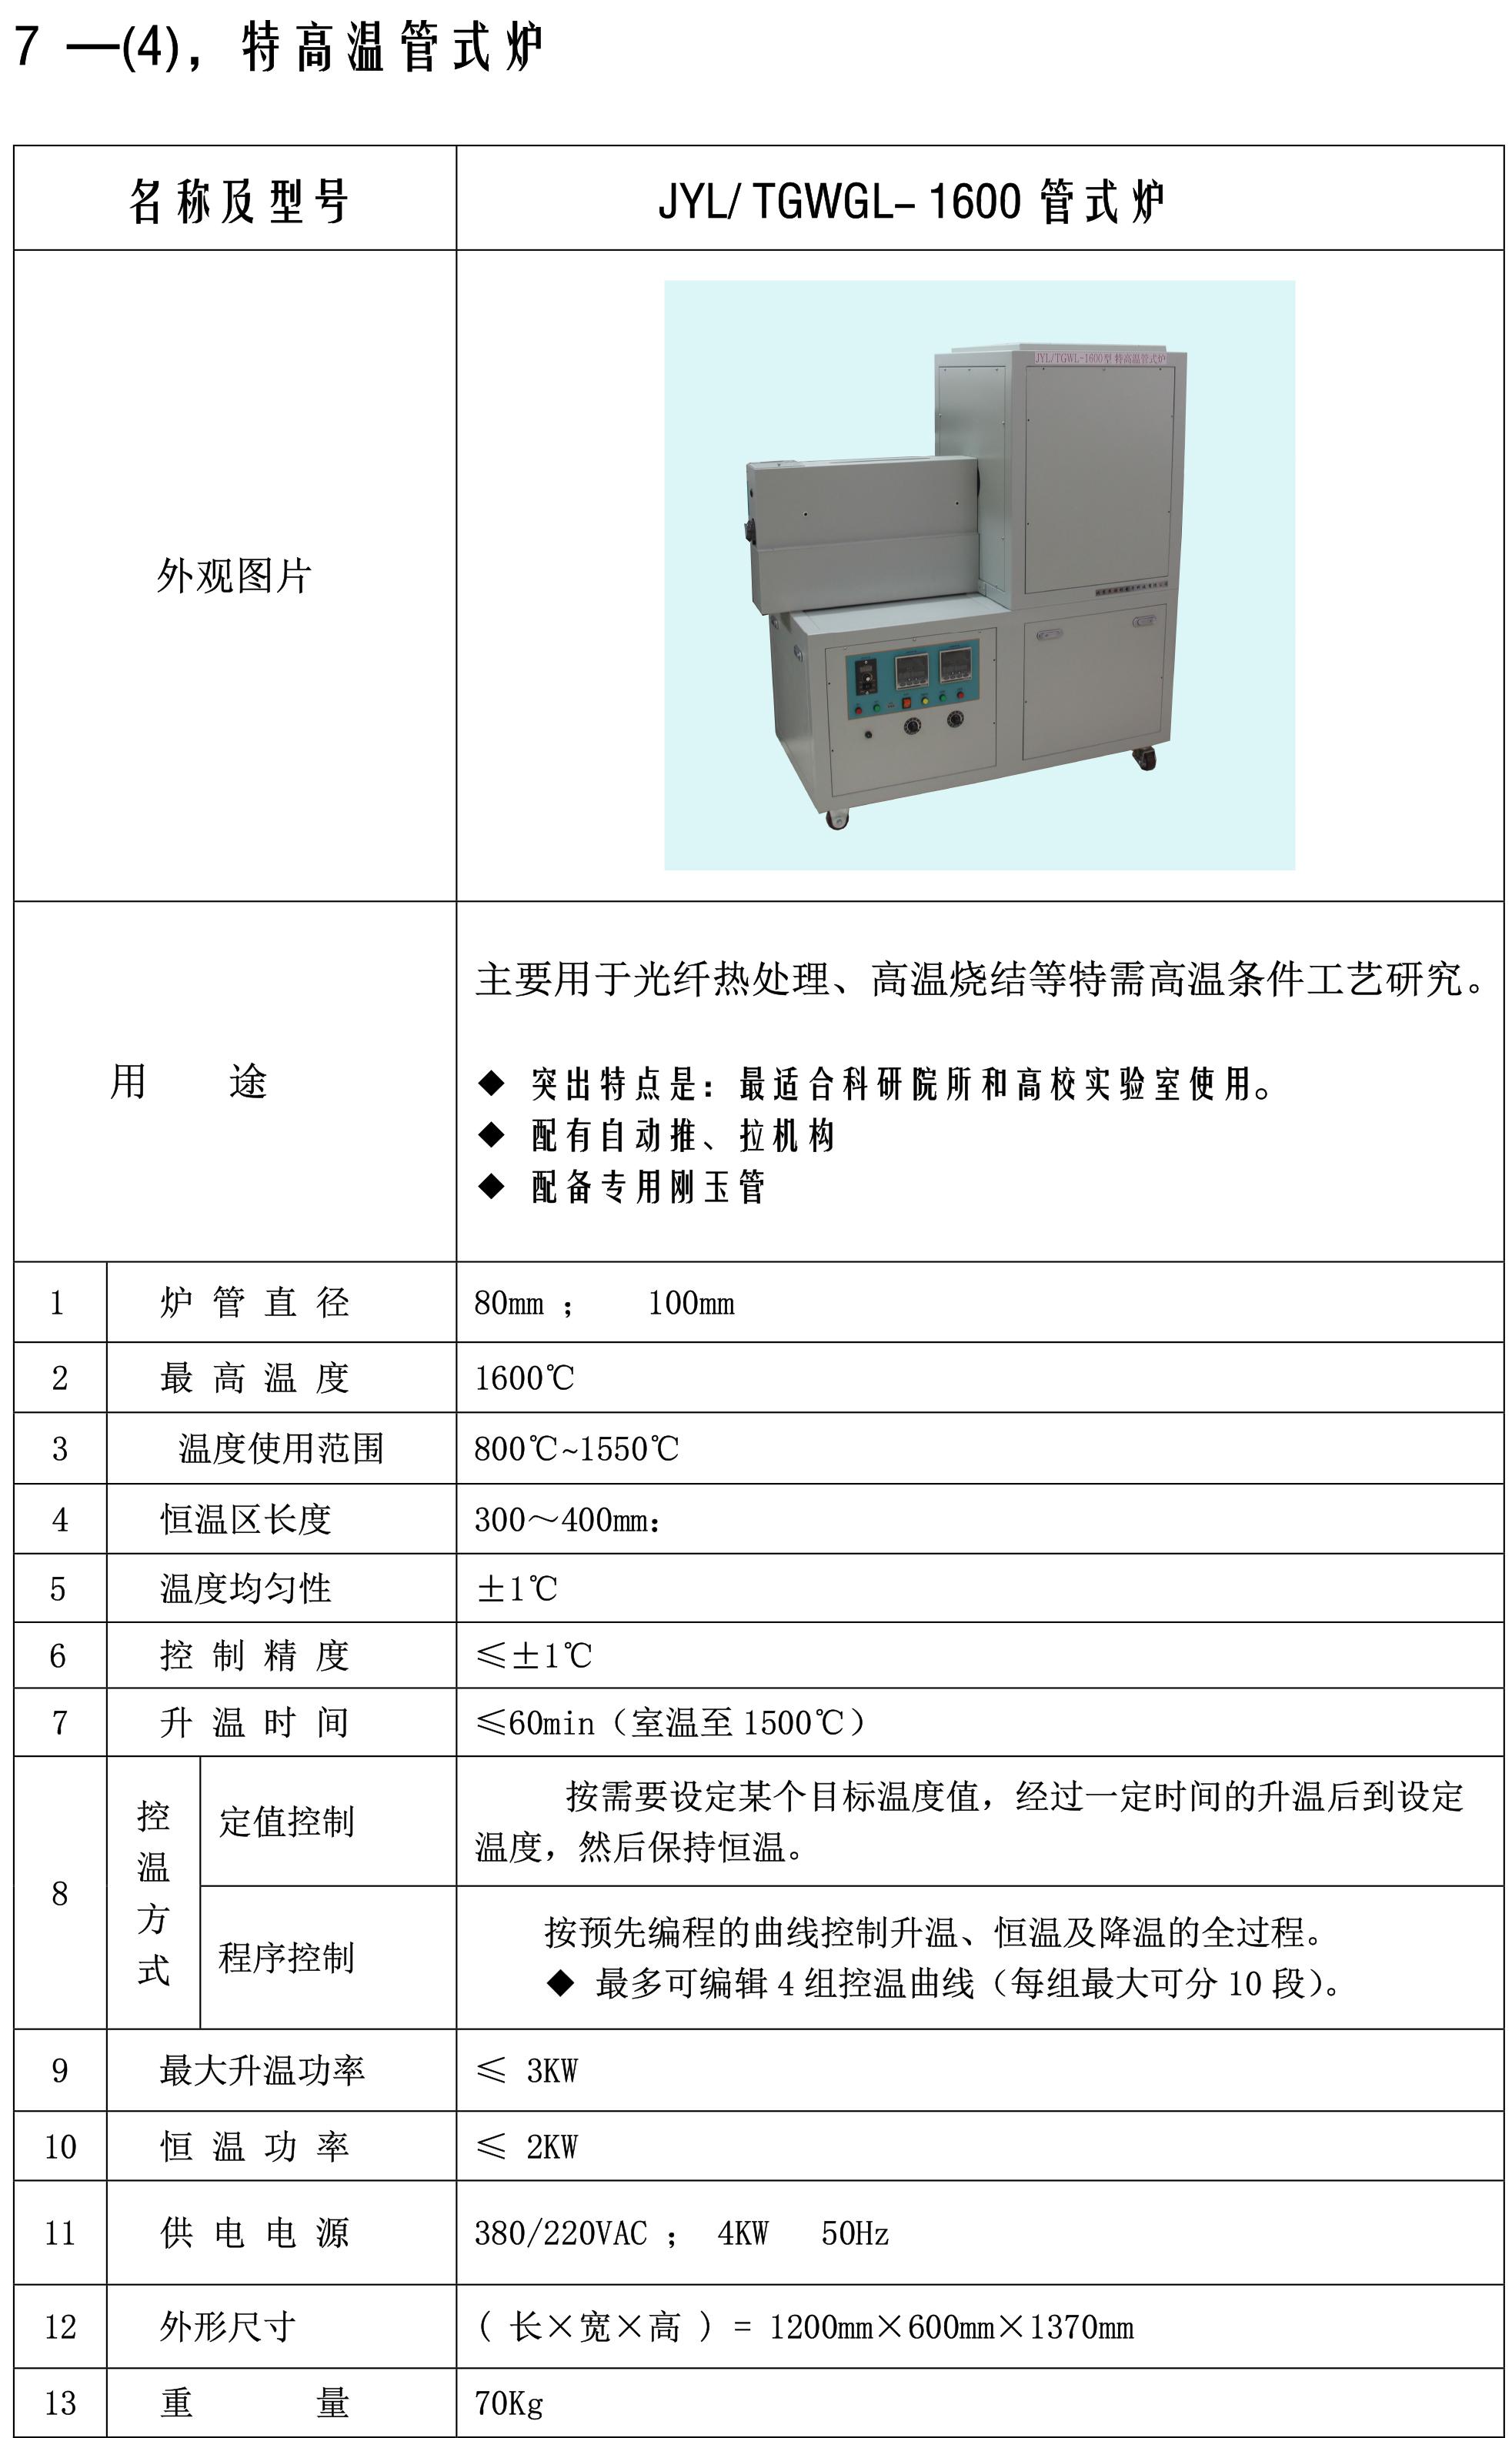 網站產品參數圖片-007特高溫管式爐